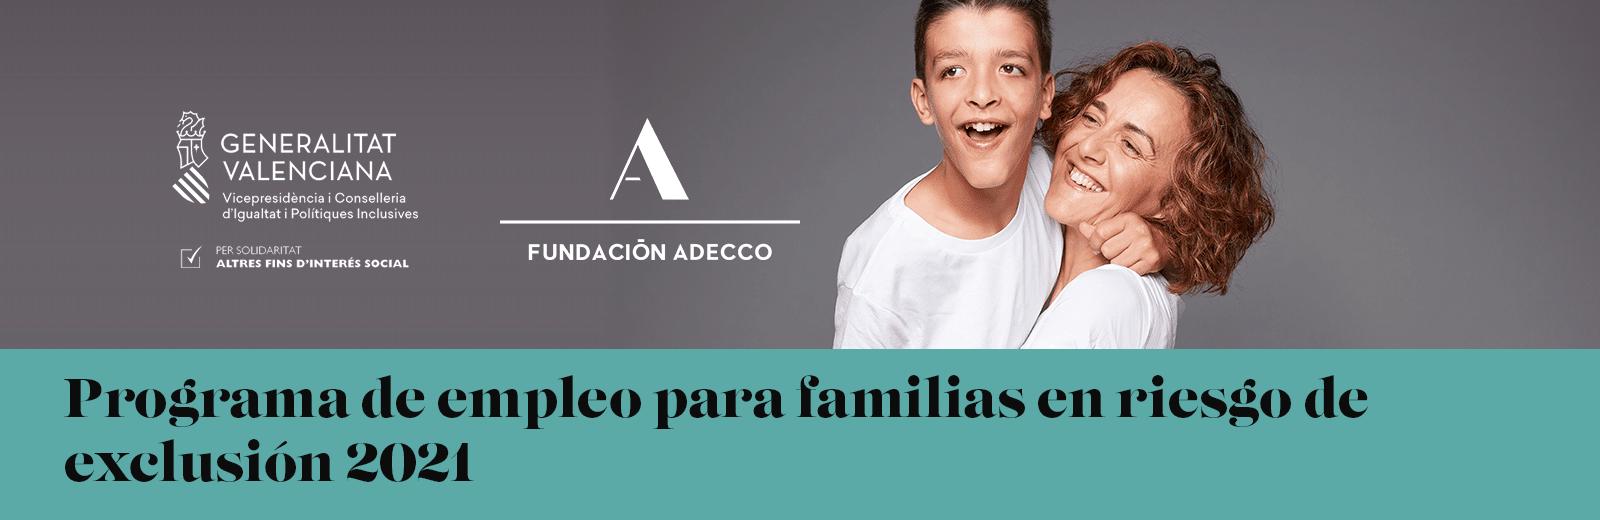 Programa de empleo para familias en riesgo de exclusión 2021. Comunidad Valenciana